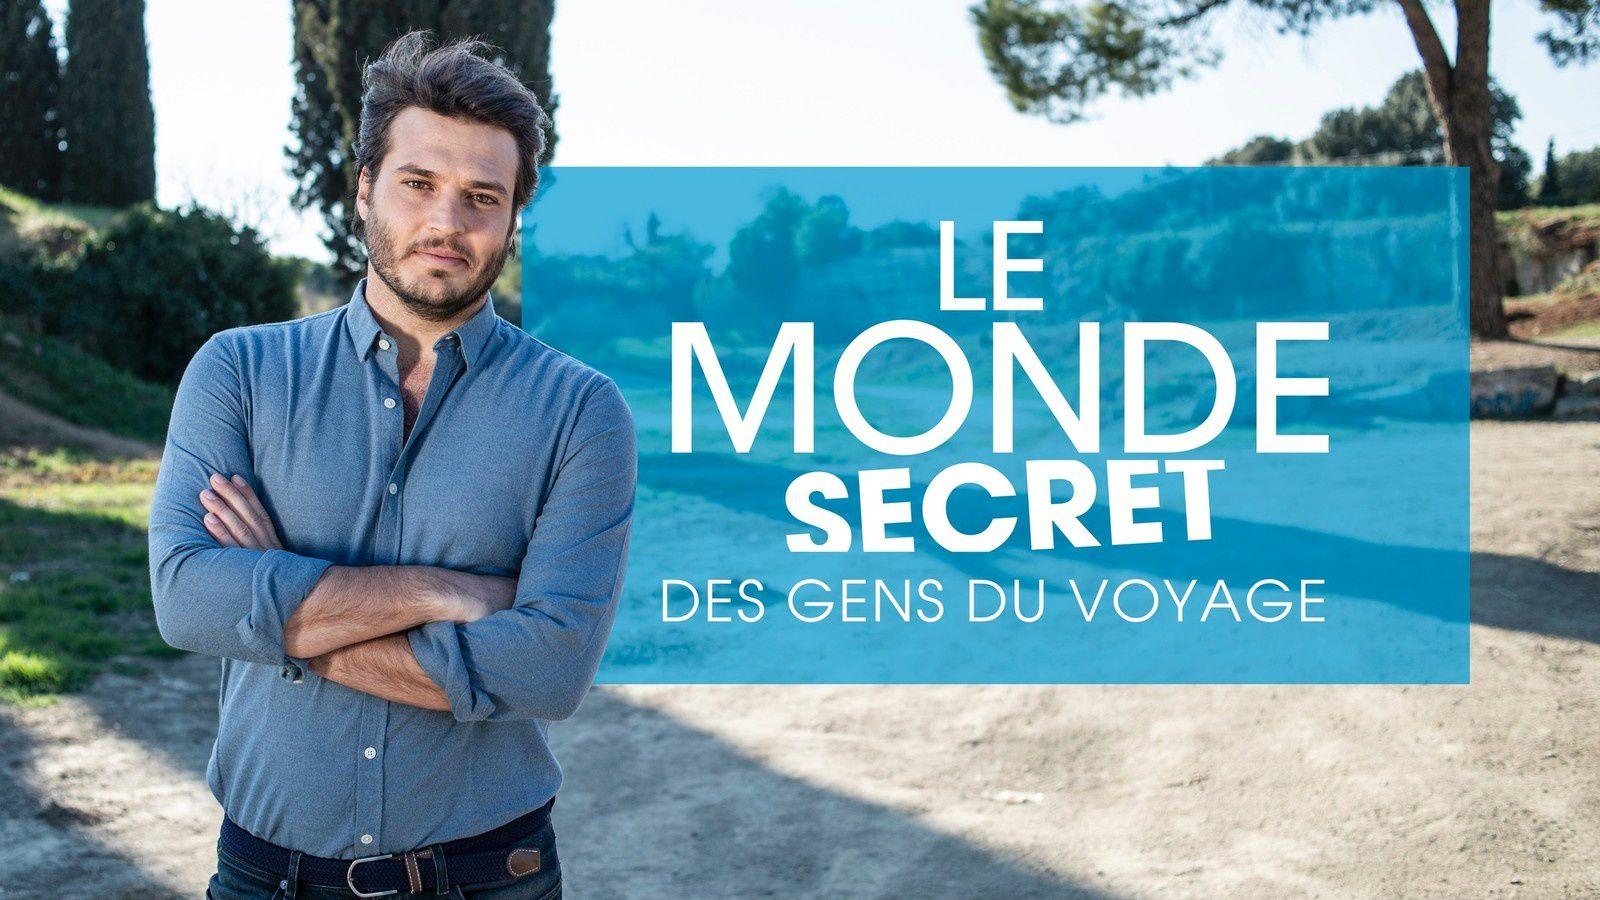 Le monde secret des gens du voyage ce samedi 6 juillet sur M6...